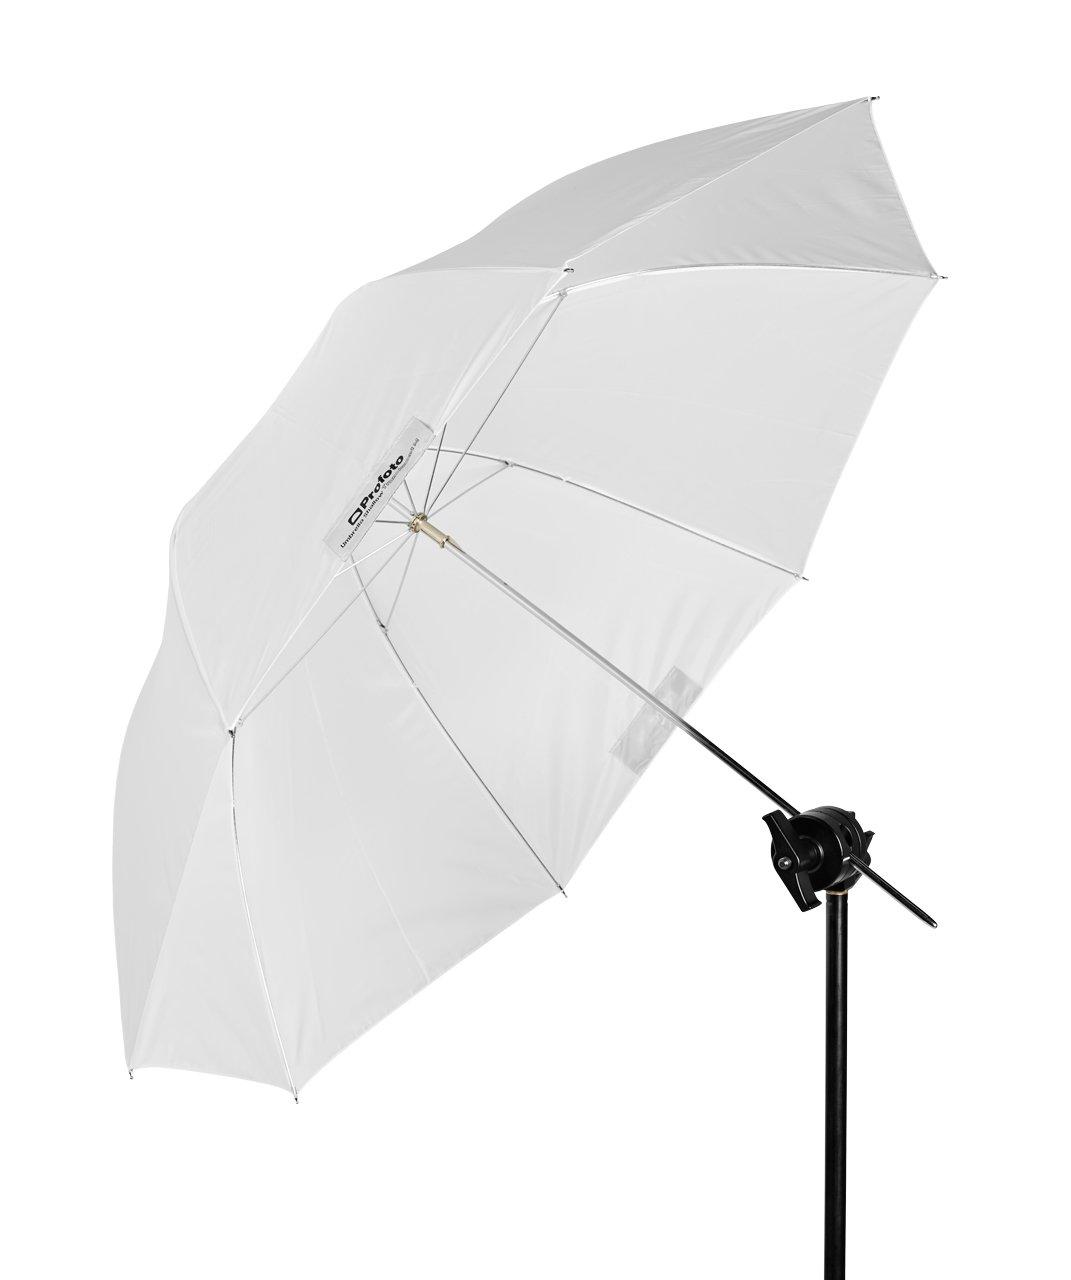 Profoto Shallow Translucent Umbrella, Medium, 41'' (104.14cm)